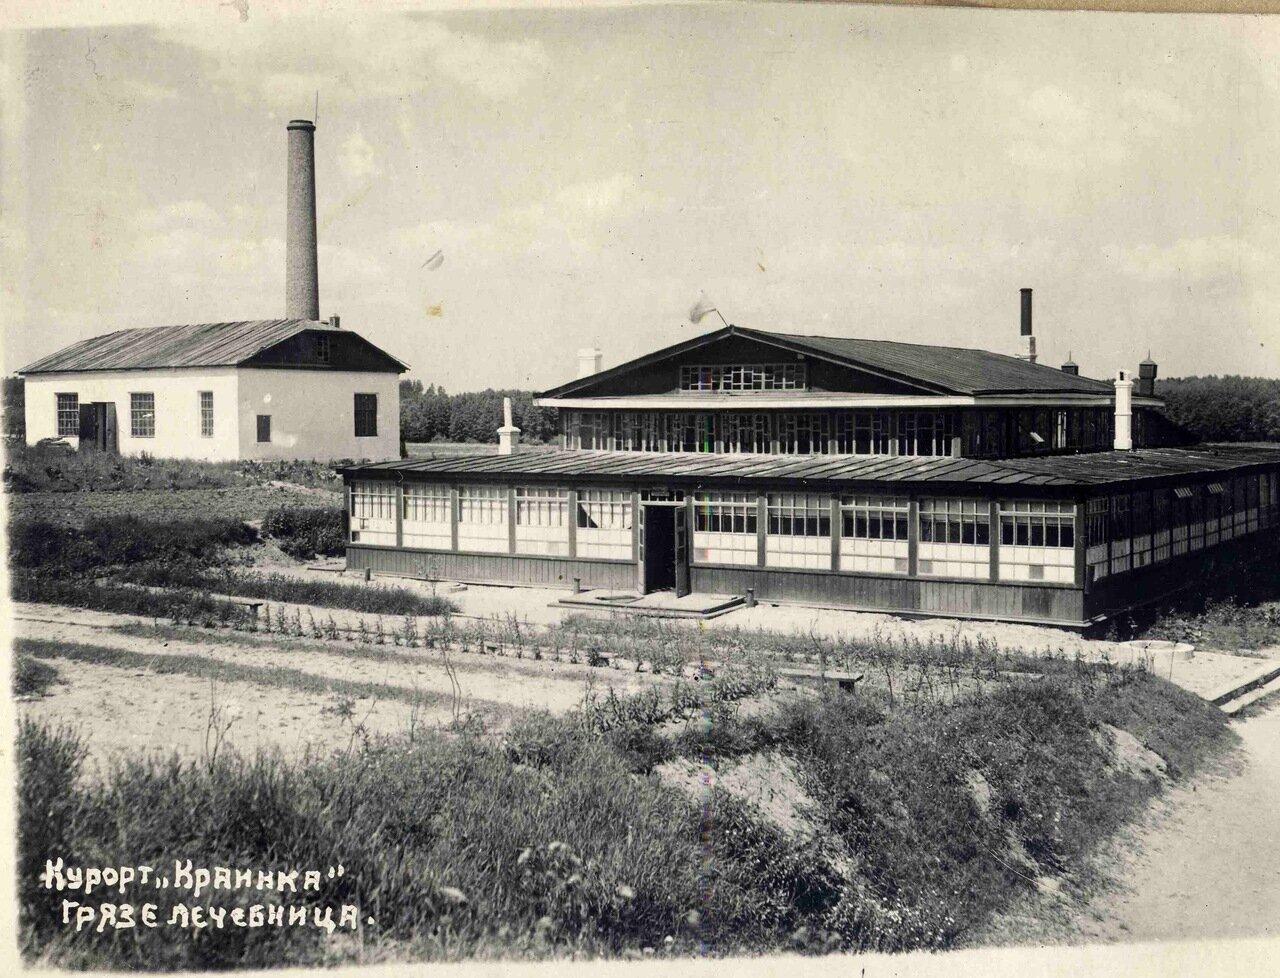 1938. Курорт Краинка (Тульская область)